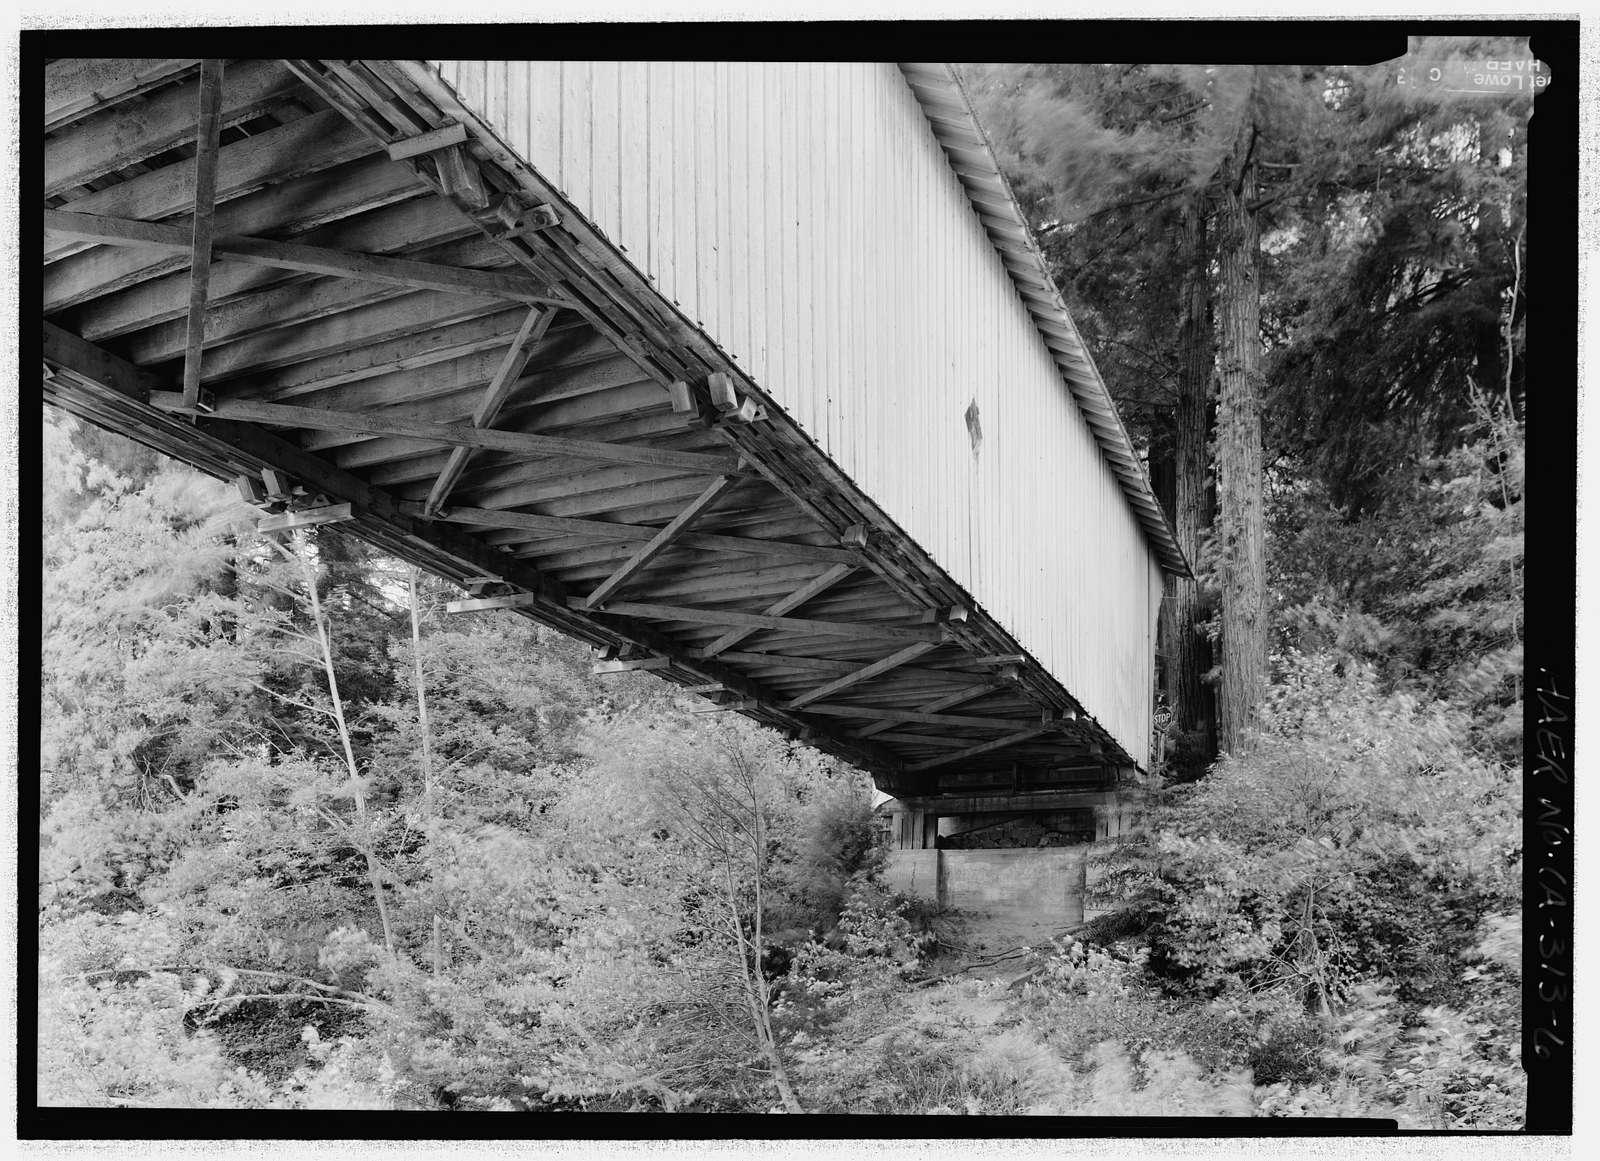 Powder Works Bridge, Spanning San Lorenzo River, Keystone Way, Paradise Park, Santa Cruz, Santa Cruz County, CA